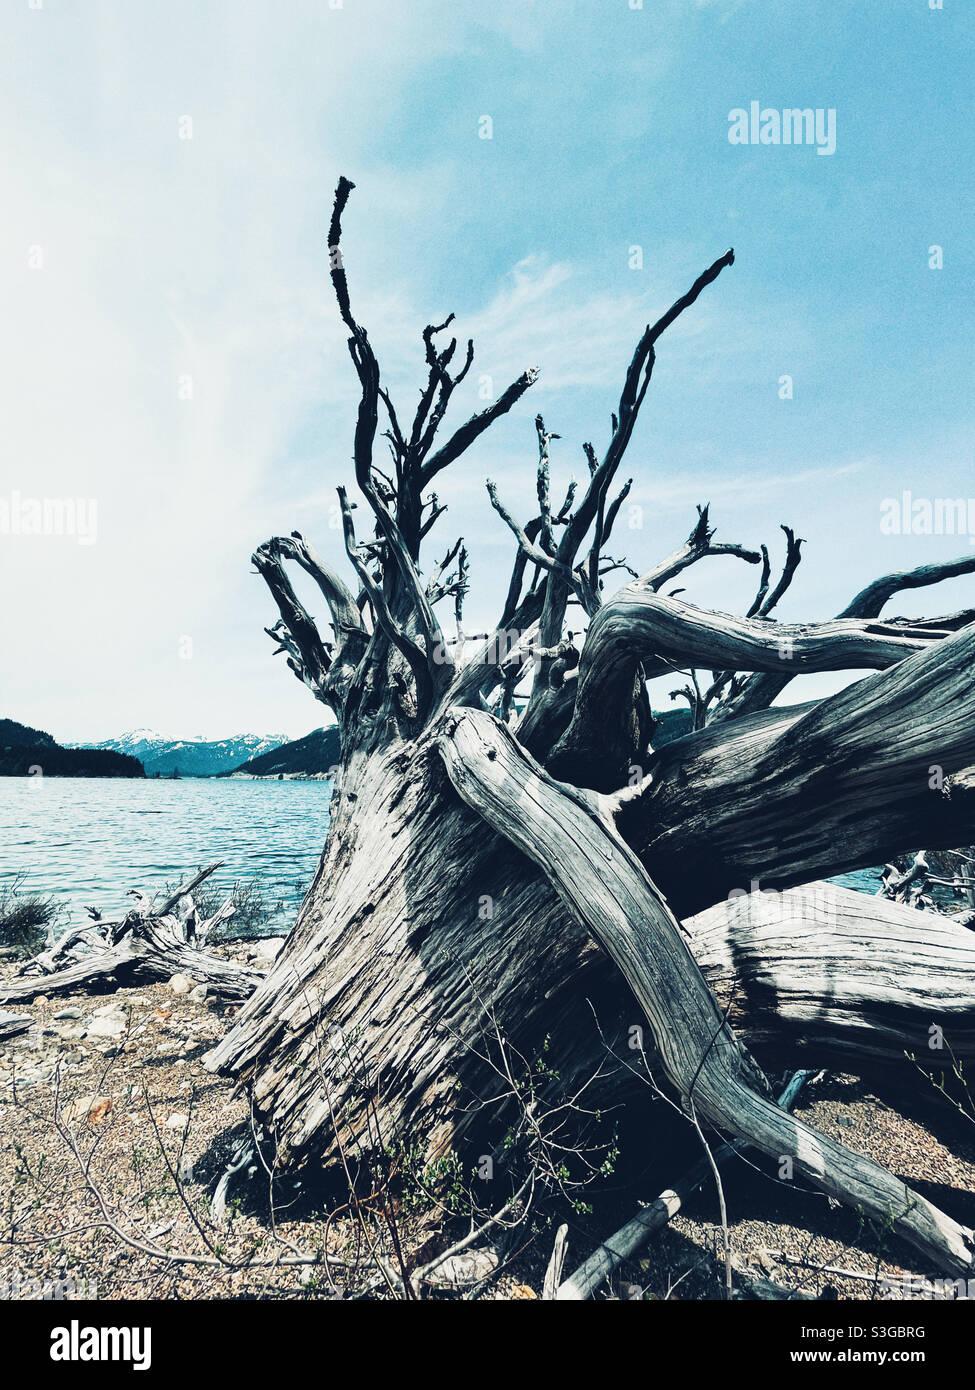 Der Mensch machte den See Kecheelus und die Überreste großer Bäume am Ufer, Snoqualmie Pass, Bundesstaat Washington Stockfoto